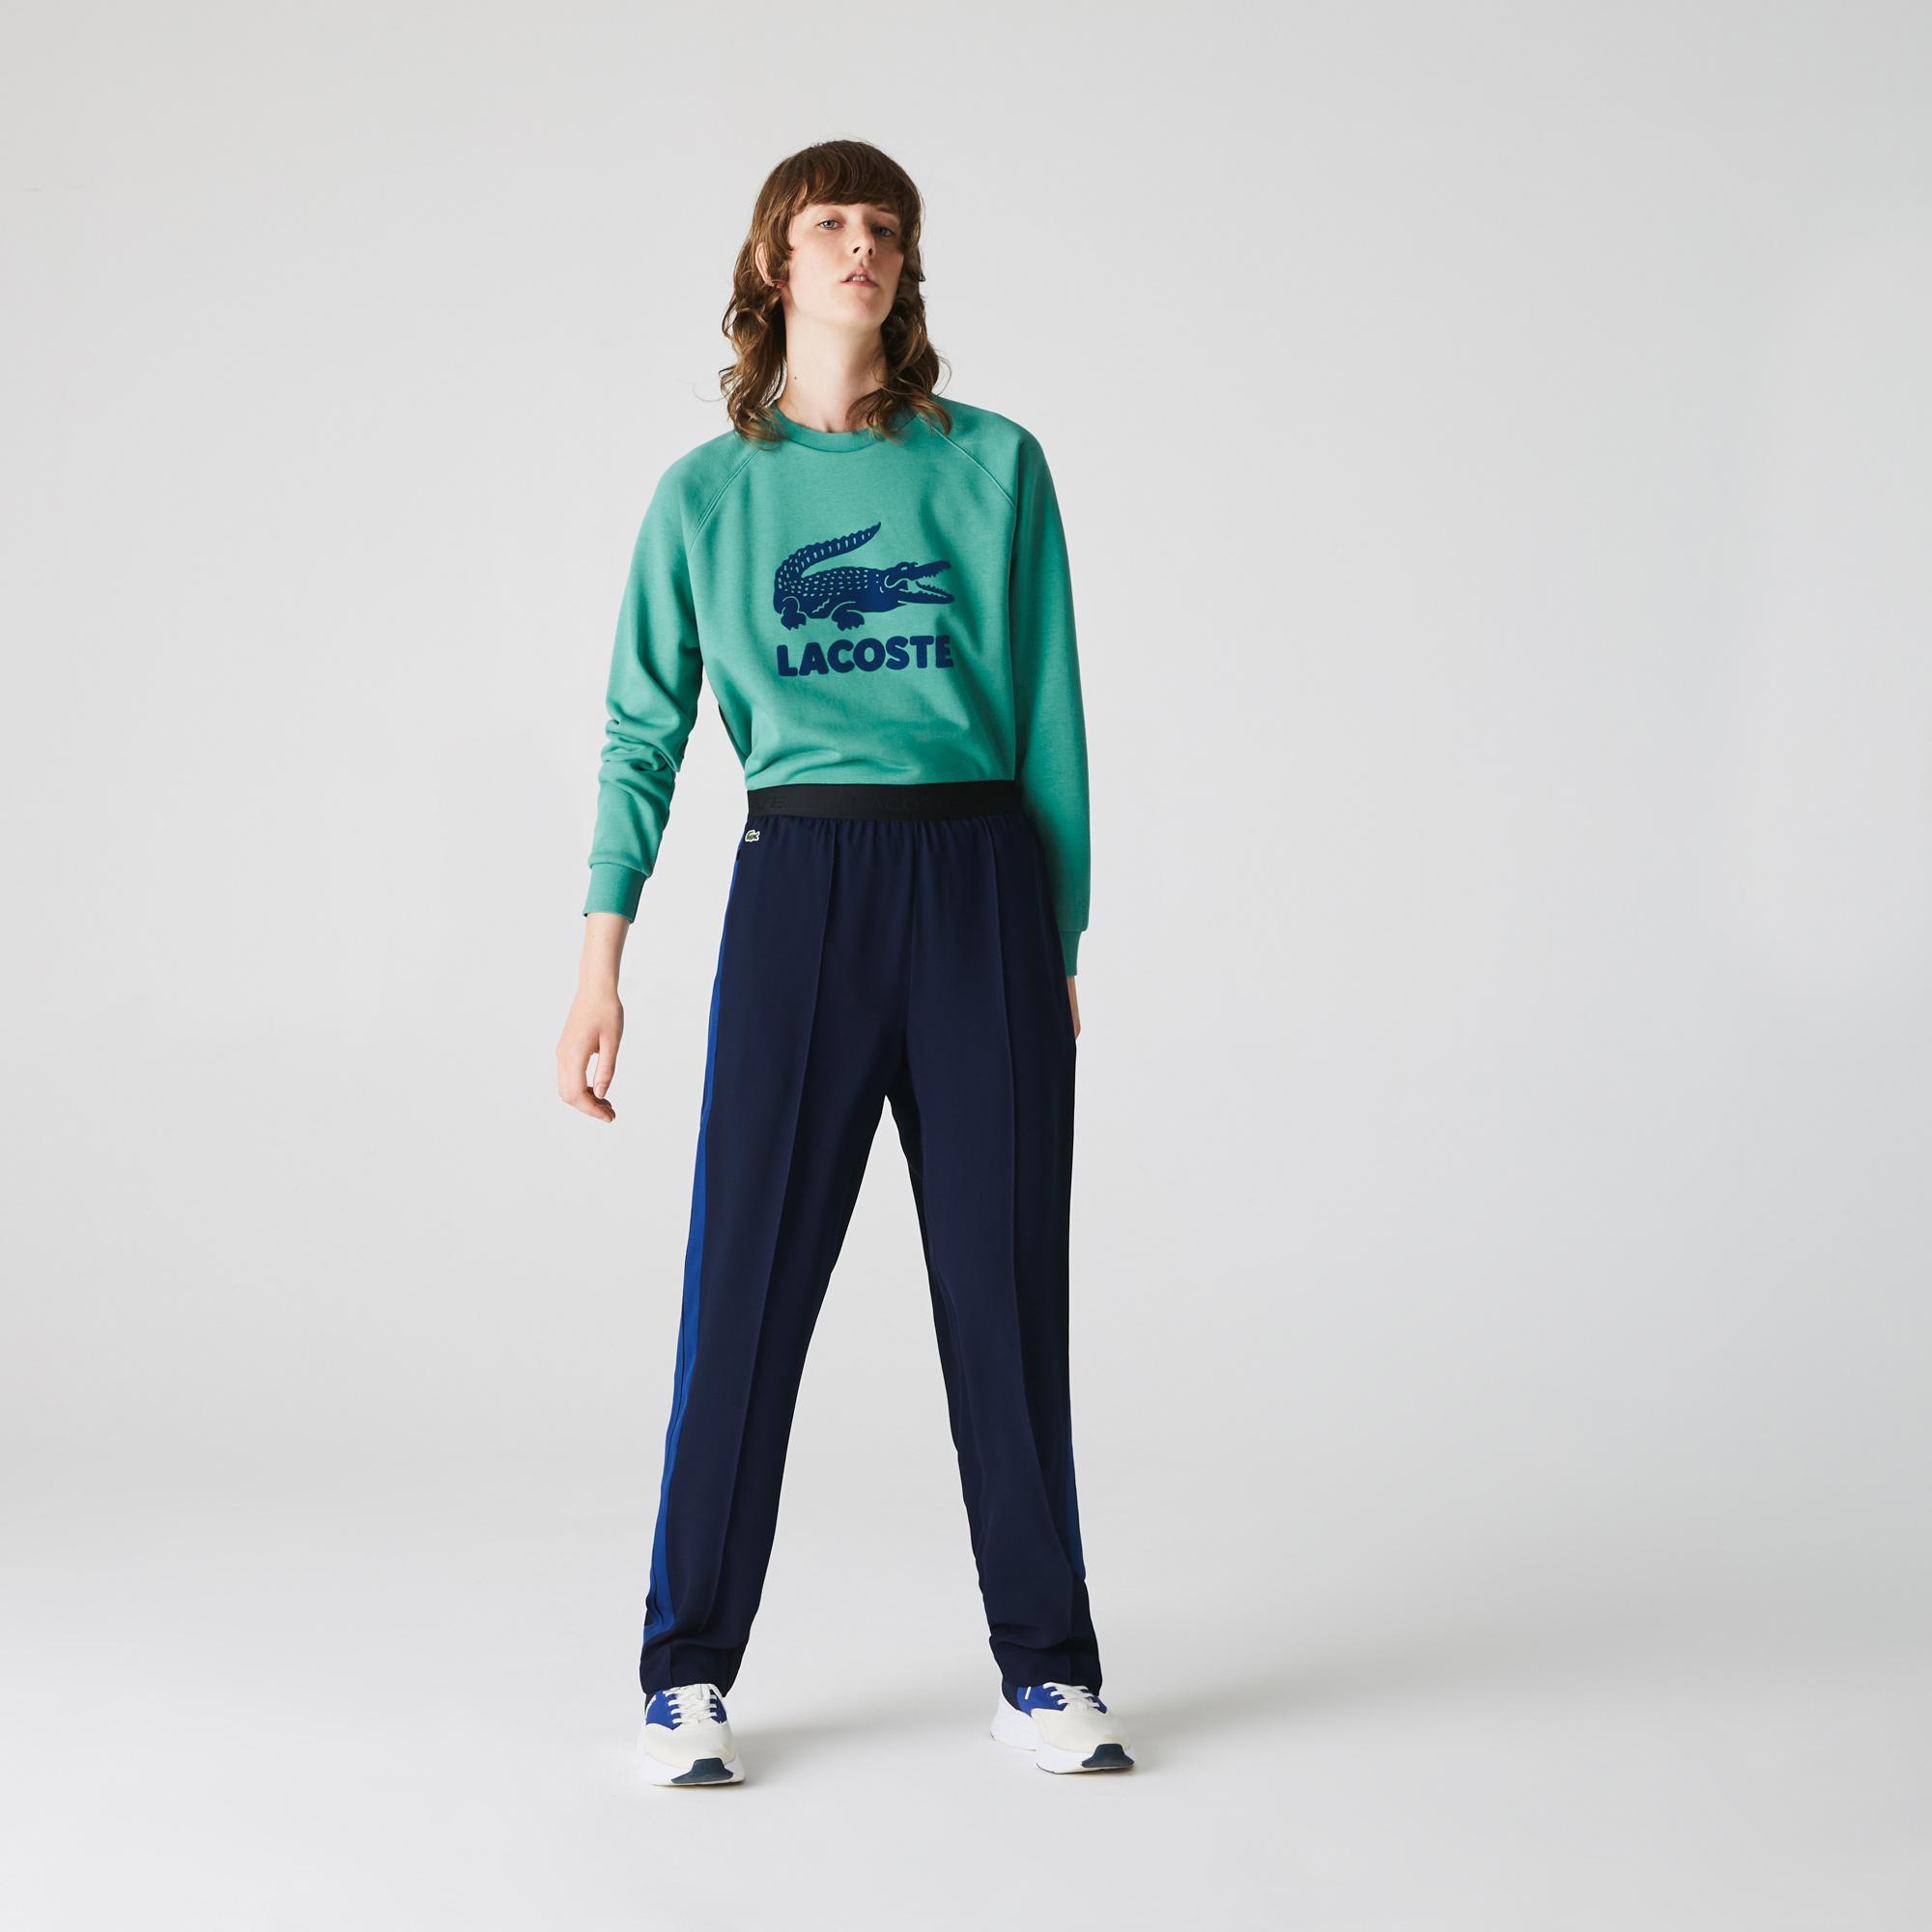 Lacoste Kadın Timsah Baskılı Bisiklet Yaka Yeşil Sweatshirt